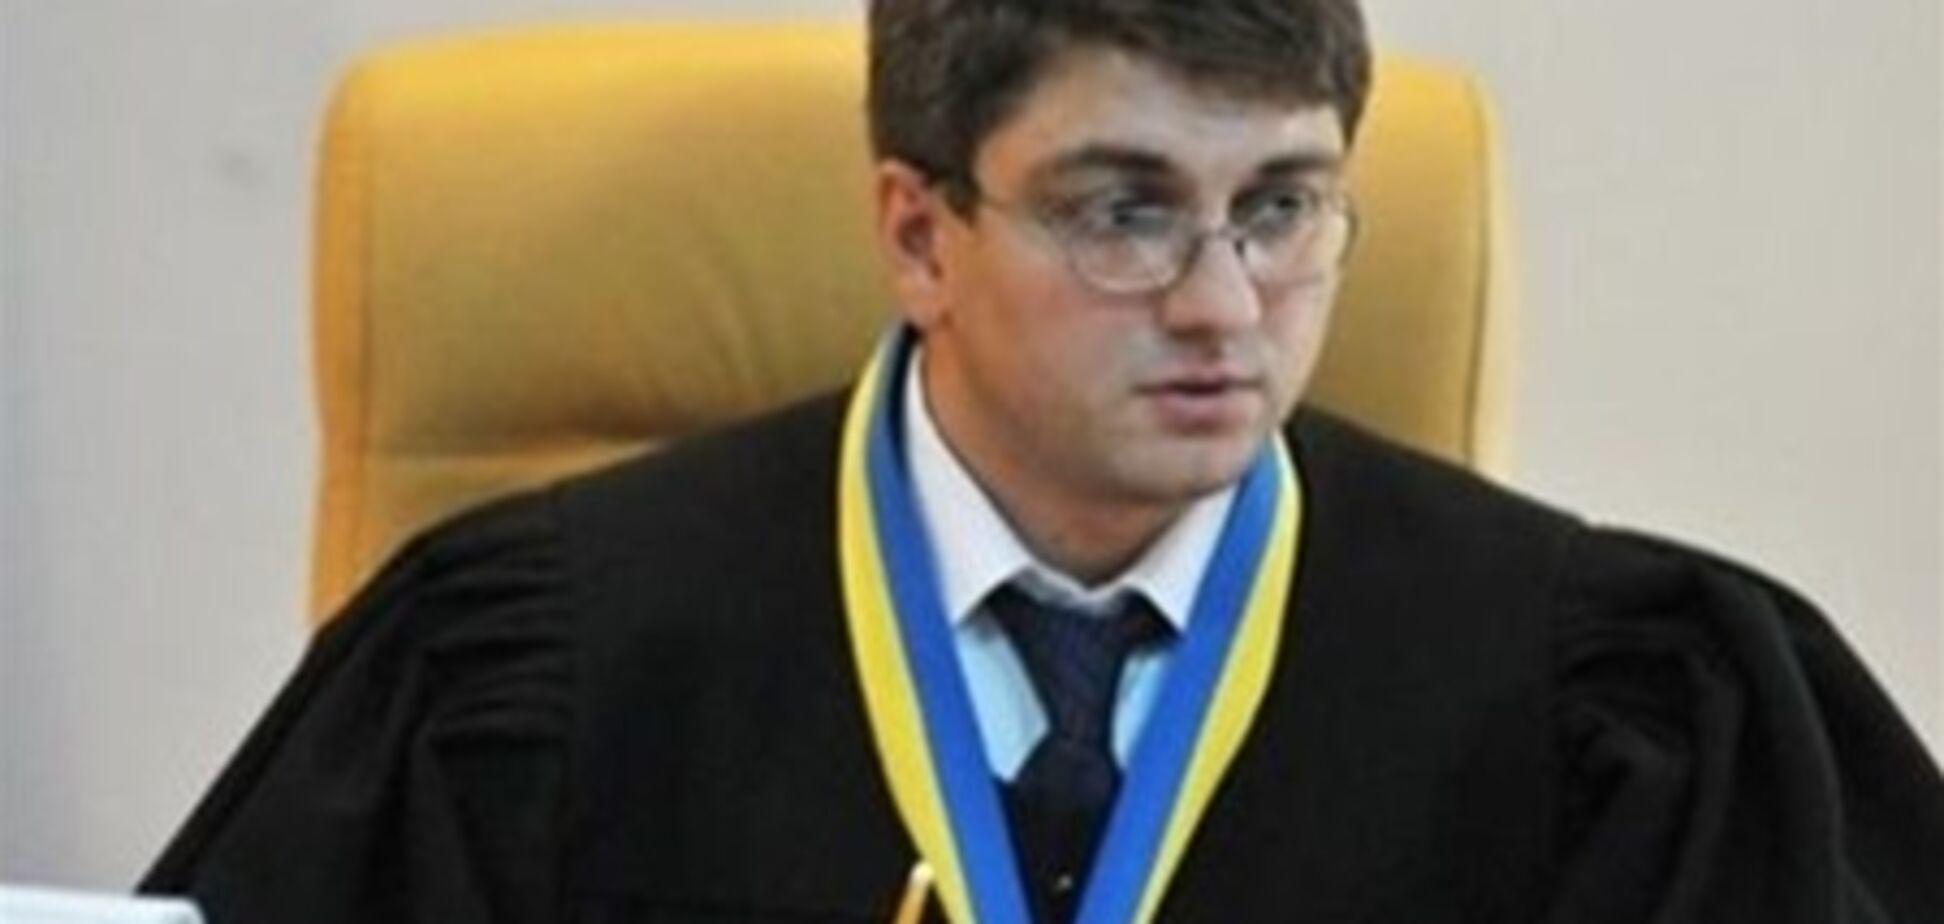 Суддя, який посадив Тимошенко, почав кар'єру в Росії